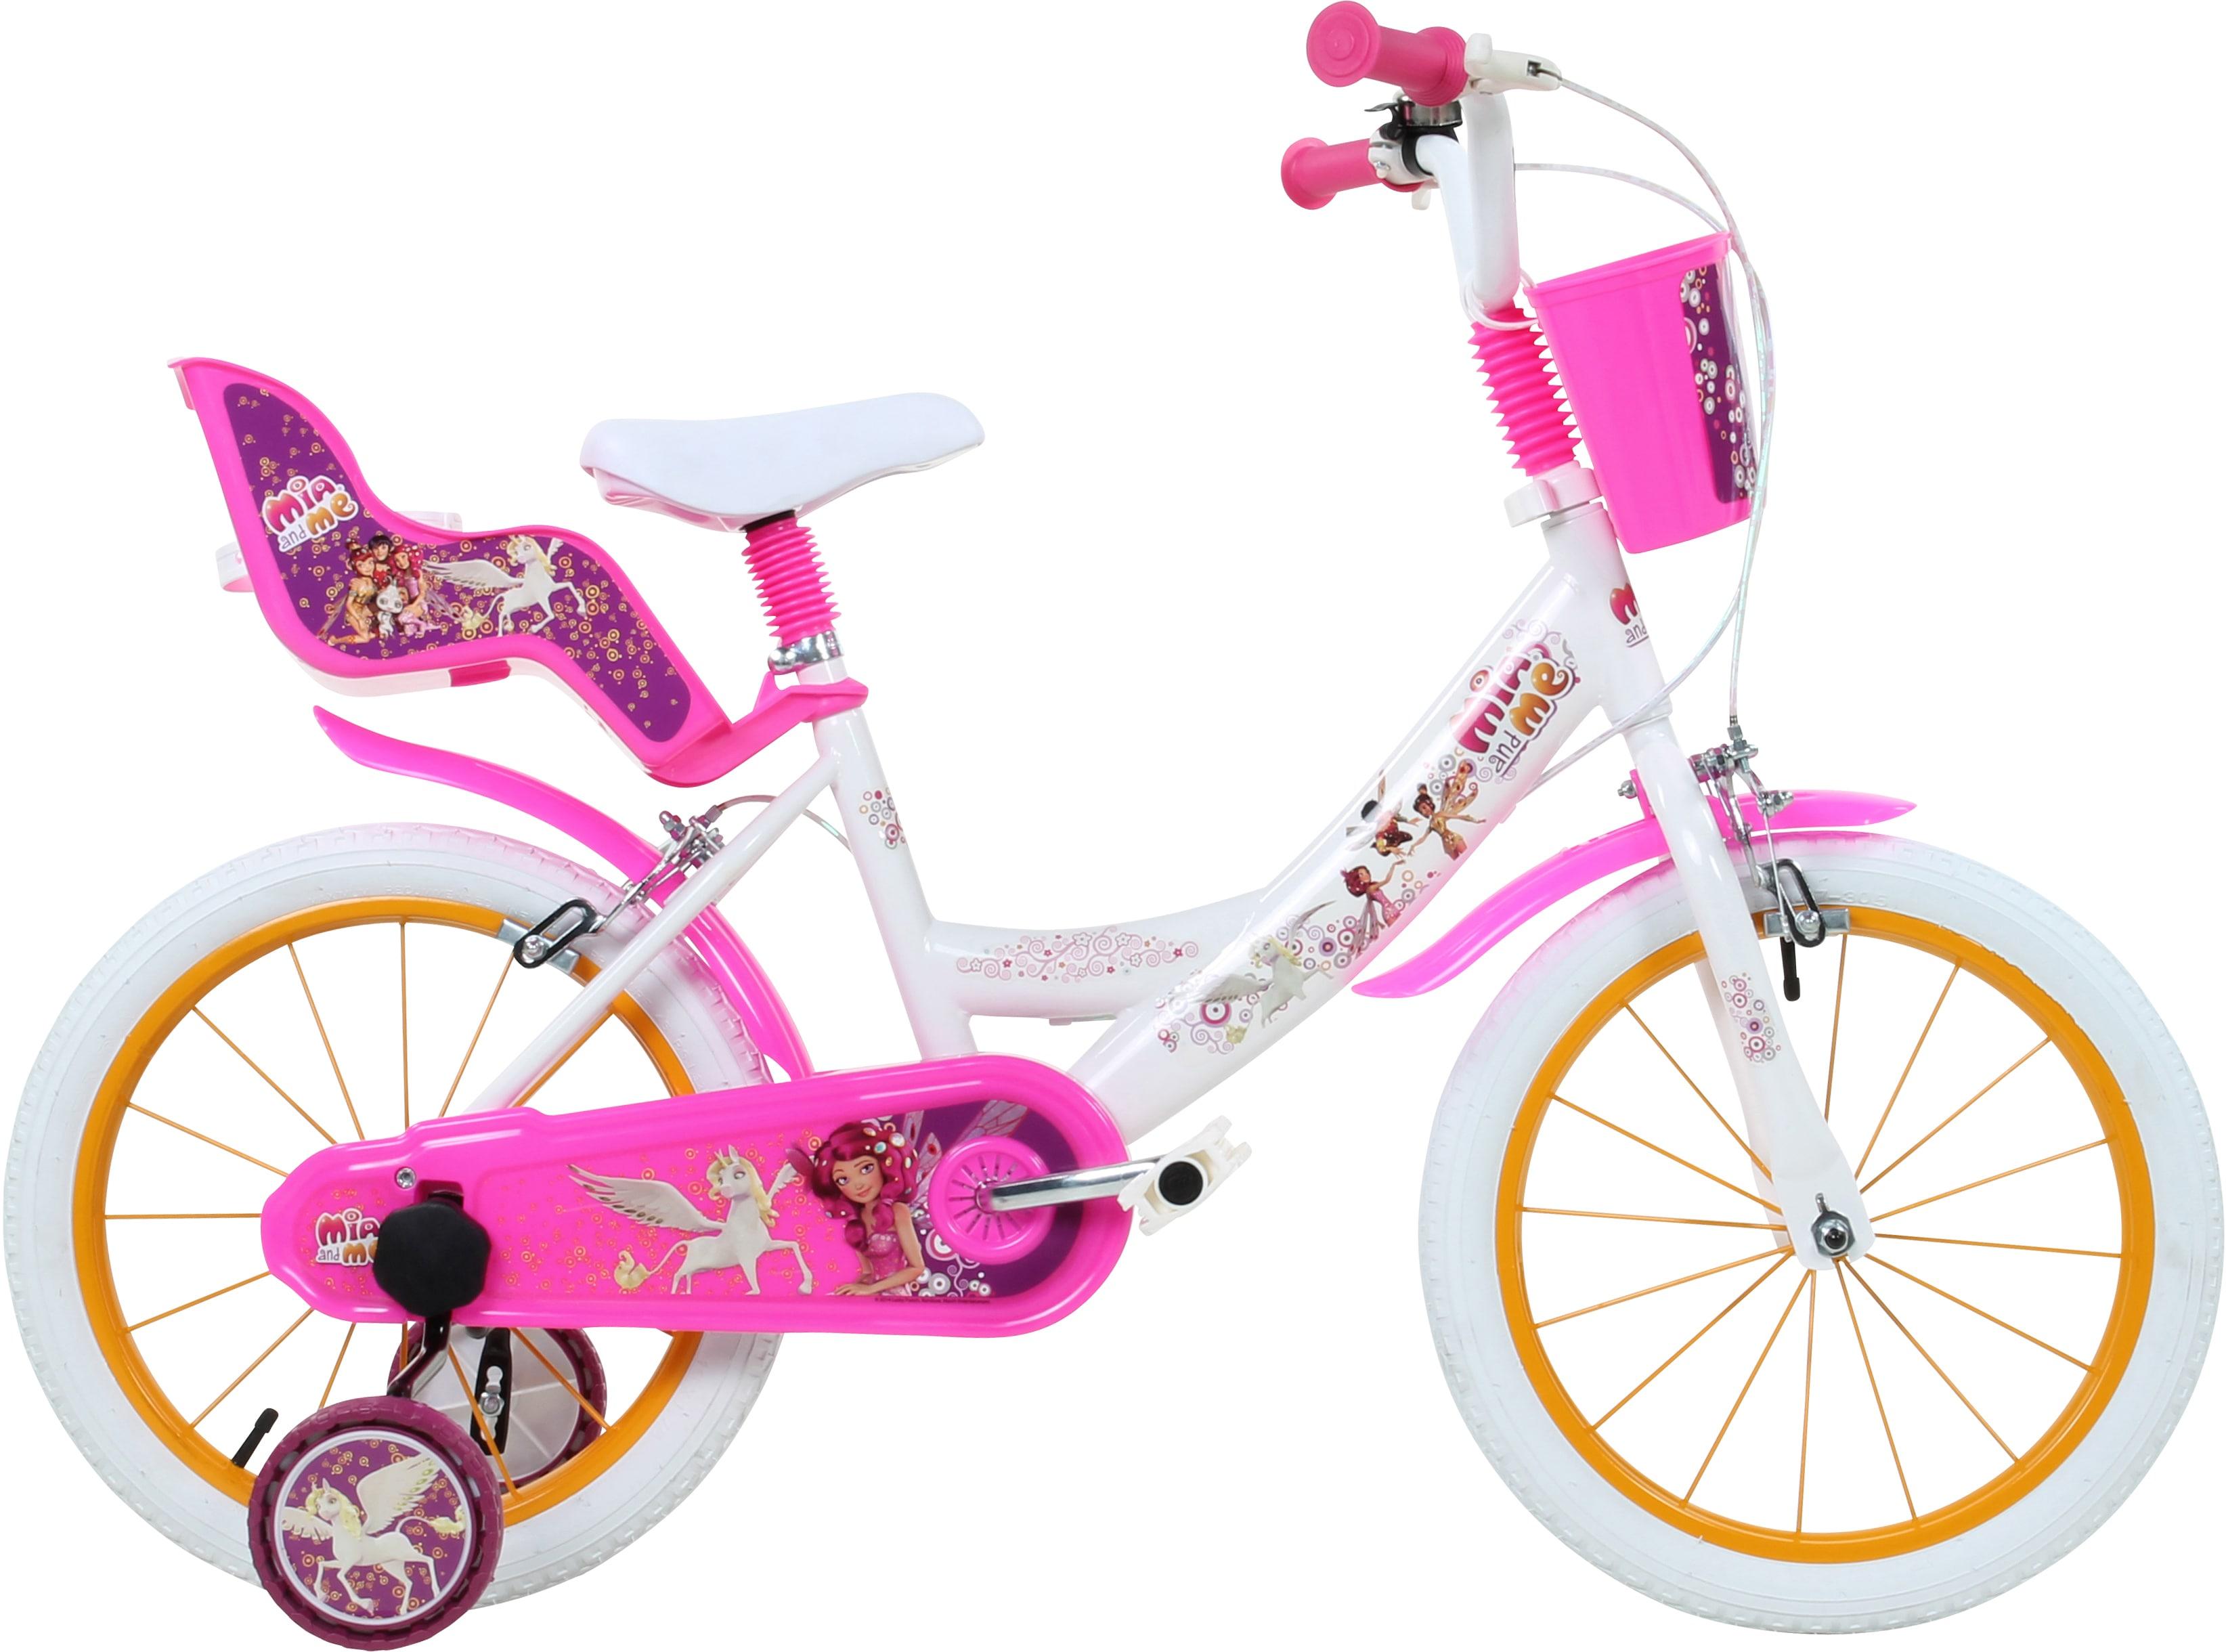 Mia and me Kinderfahrrad weiß Kinder Kinderfahrräder Fahrräder Zubehör